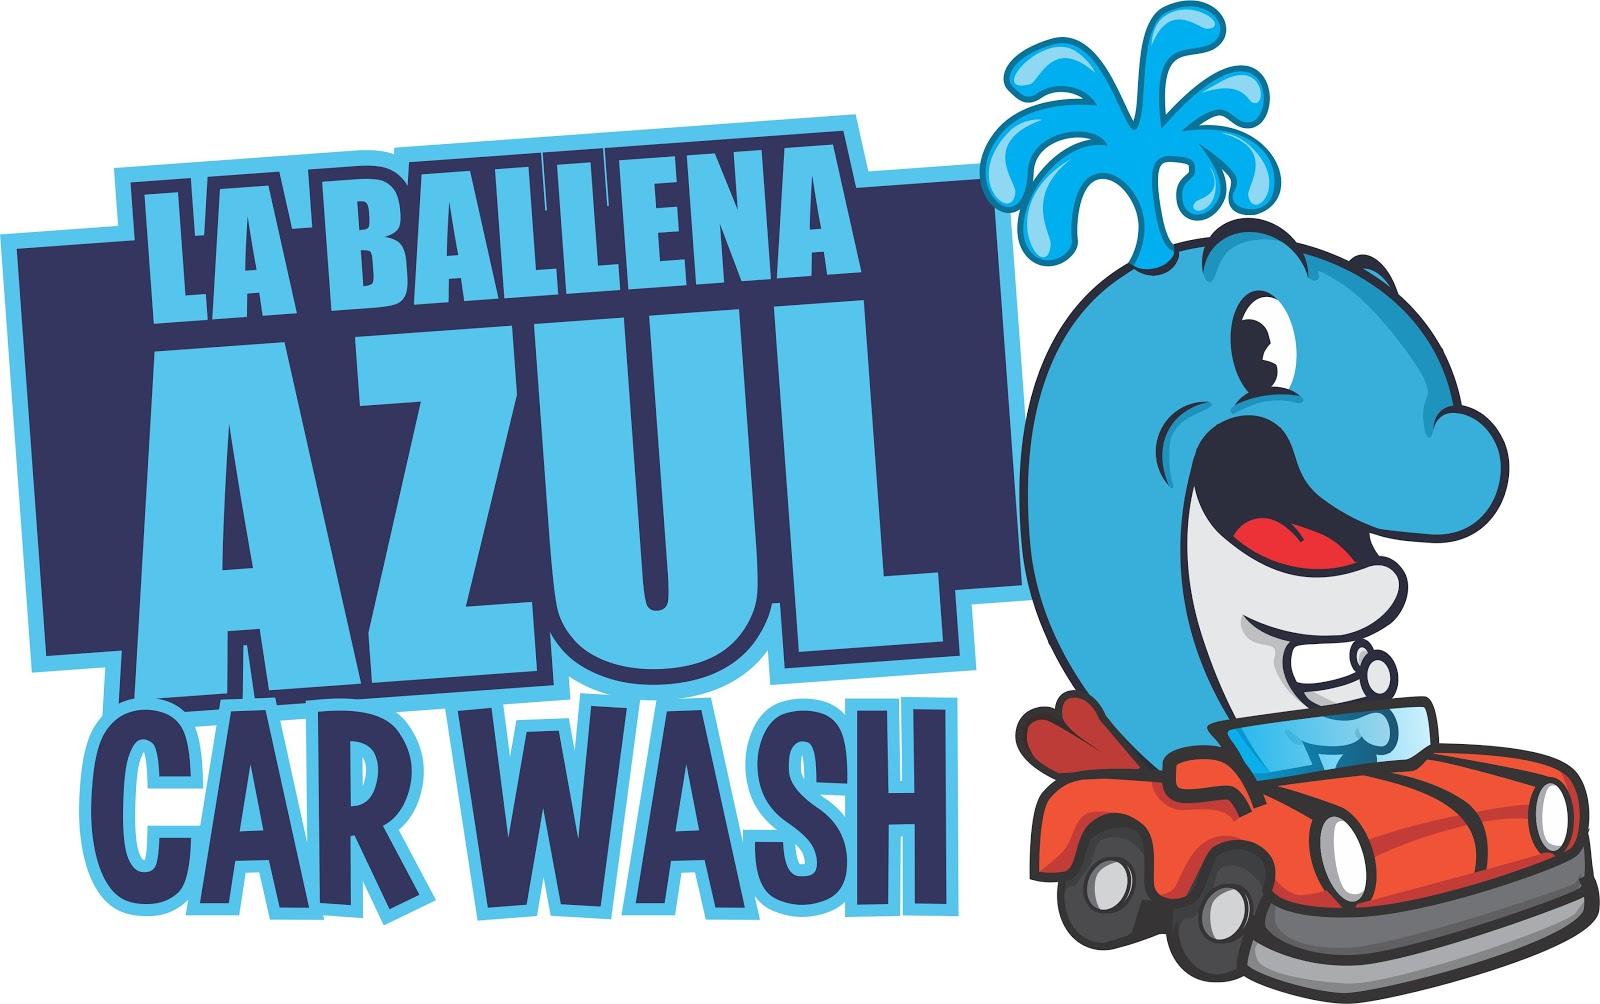 El Car Wash Letra